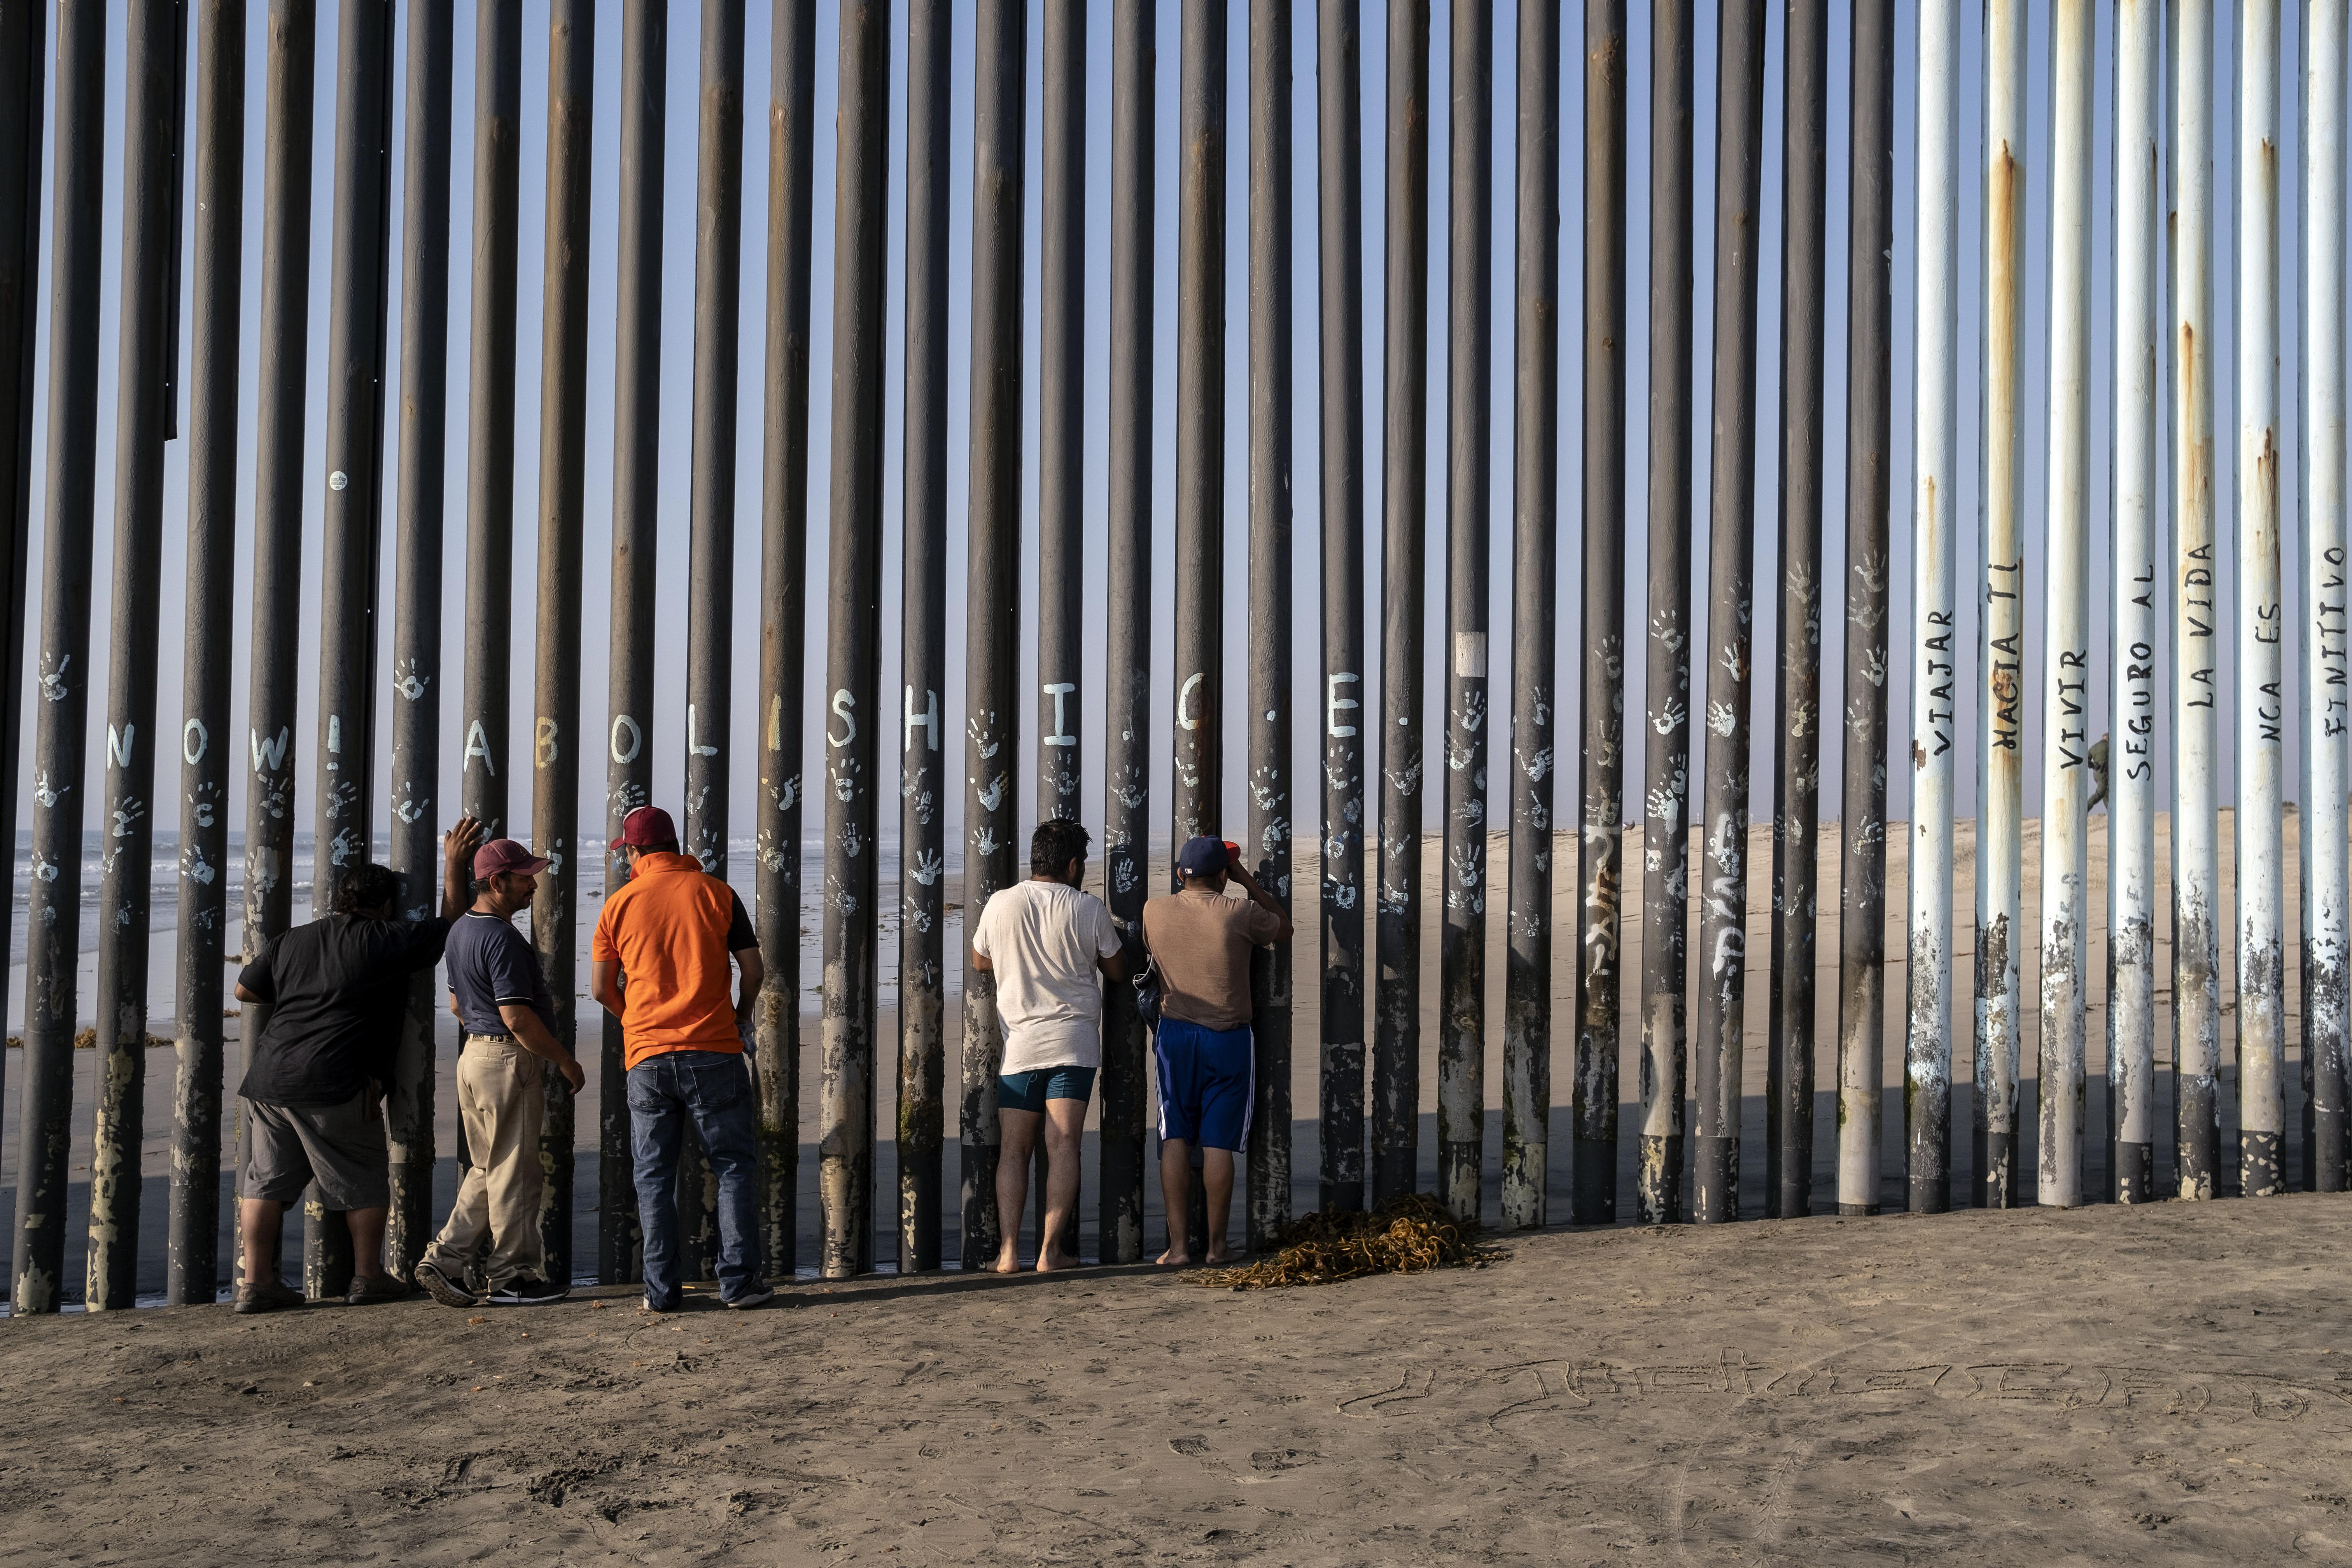 Hombres miran a través de la valla fronteriza entre Estados Unidos y México en Playas de Tijuana, estado de Baja California, México, el 3 de octubre de 2020, en medio de la pandemia del COVID-19.